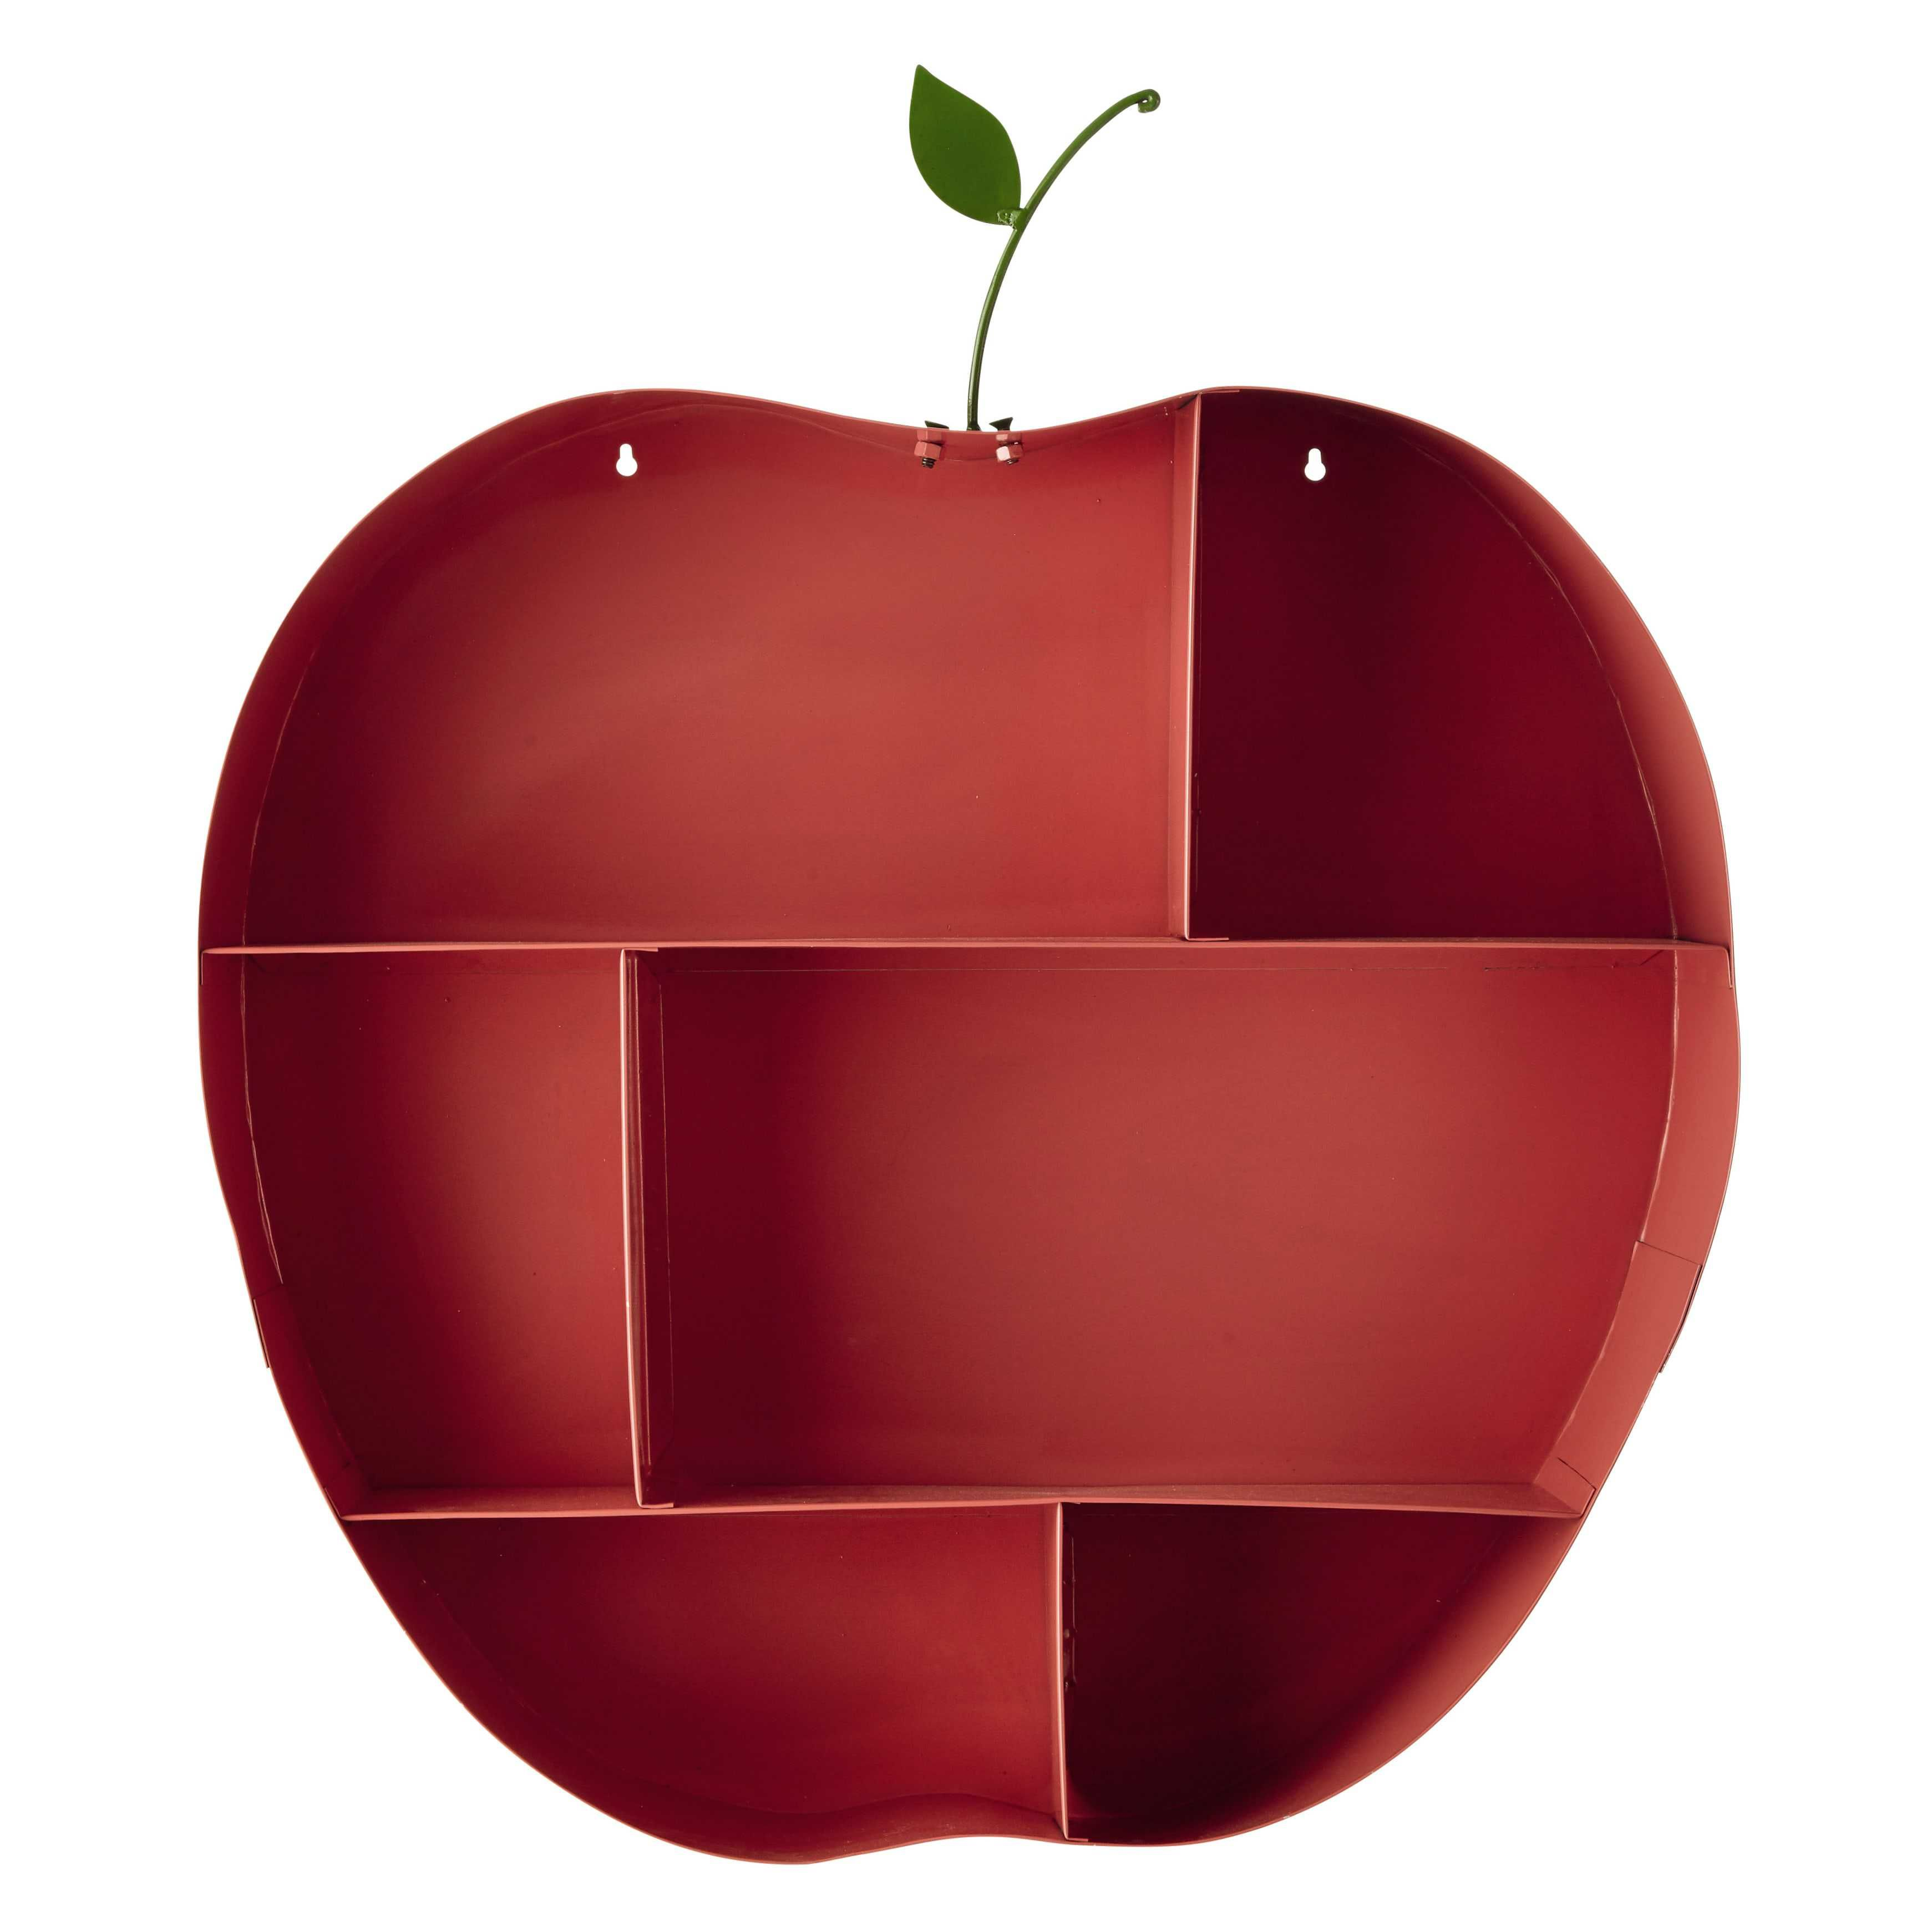 Wandregal Apfel aus Metall rosa H 73 cm API | KIDS KIDS KIDS ...